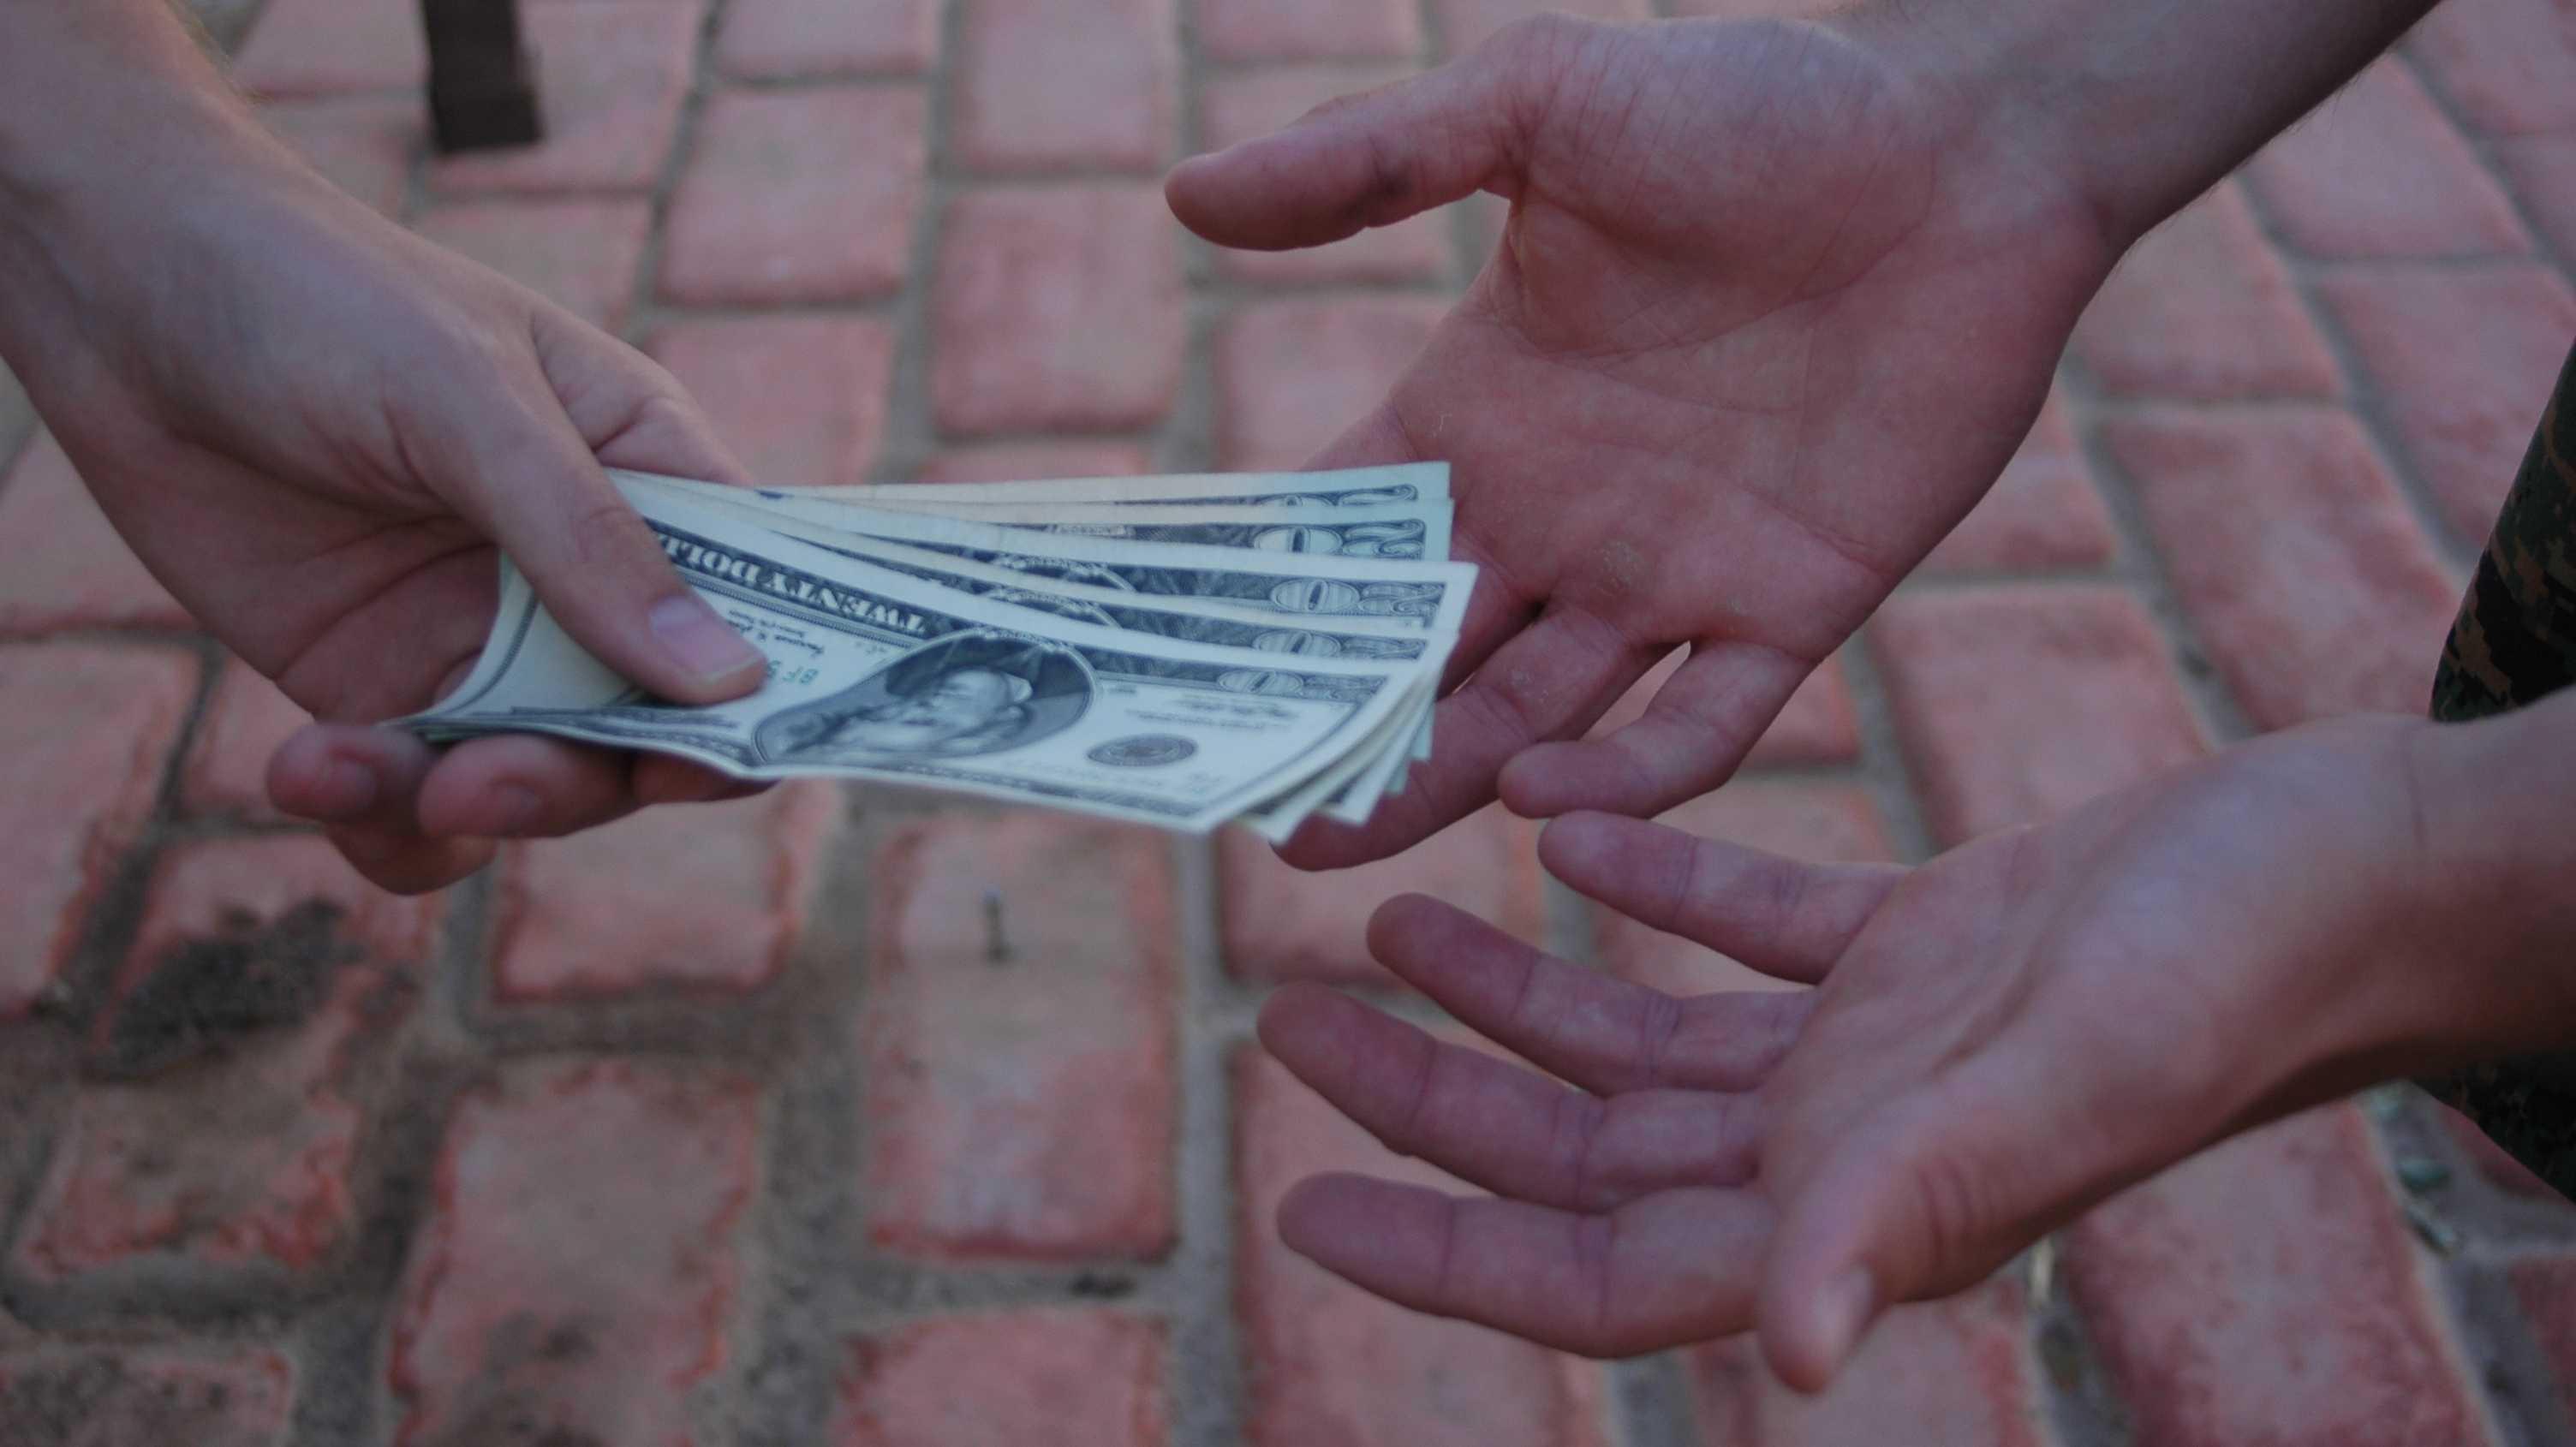 Eine Hand reicht Dollarscheine, zwei Hände empfangen sie